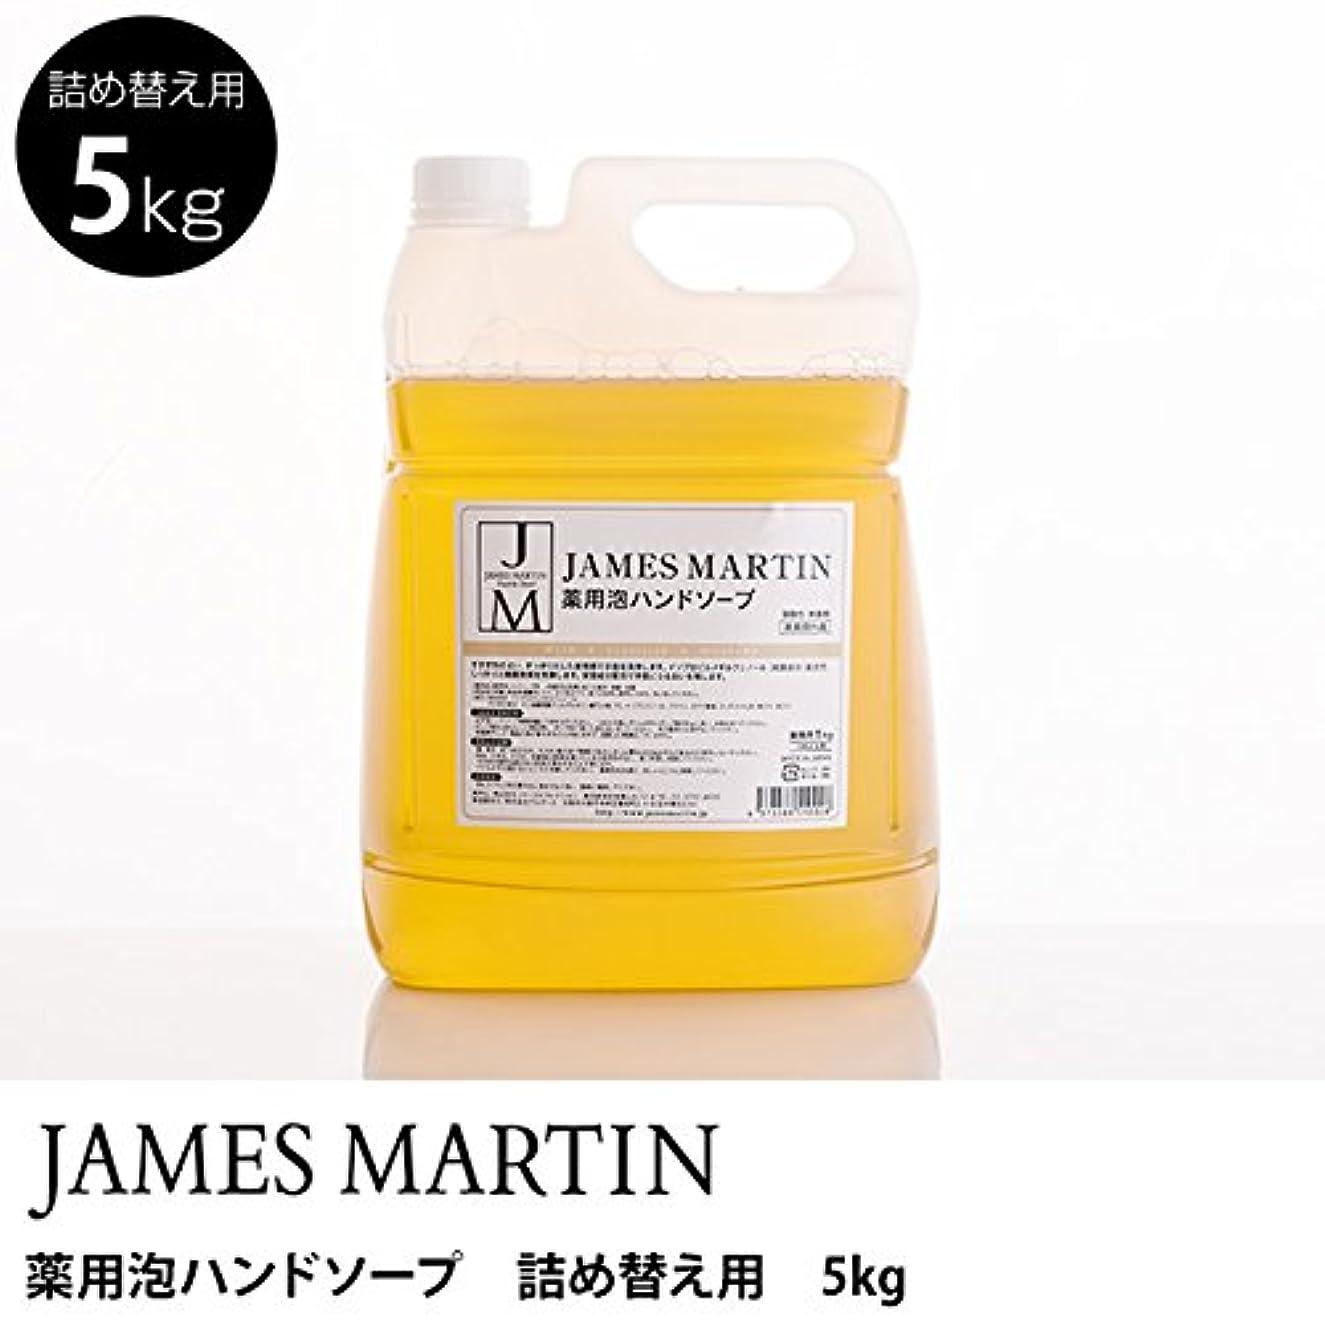 経験的デッド科学者ジェームズマーティン 薬用泡ハンドソープ(無香料) 詰替用 5kg